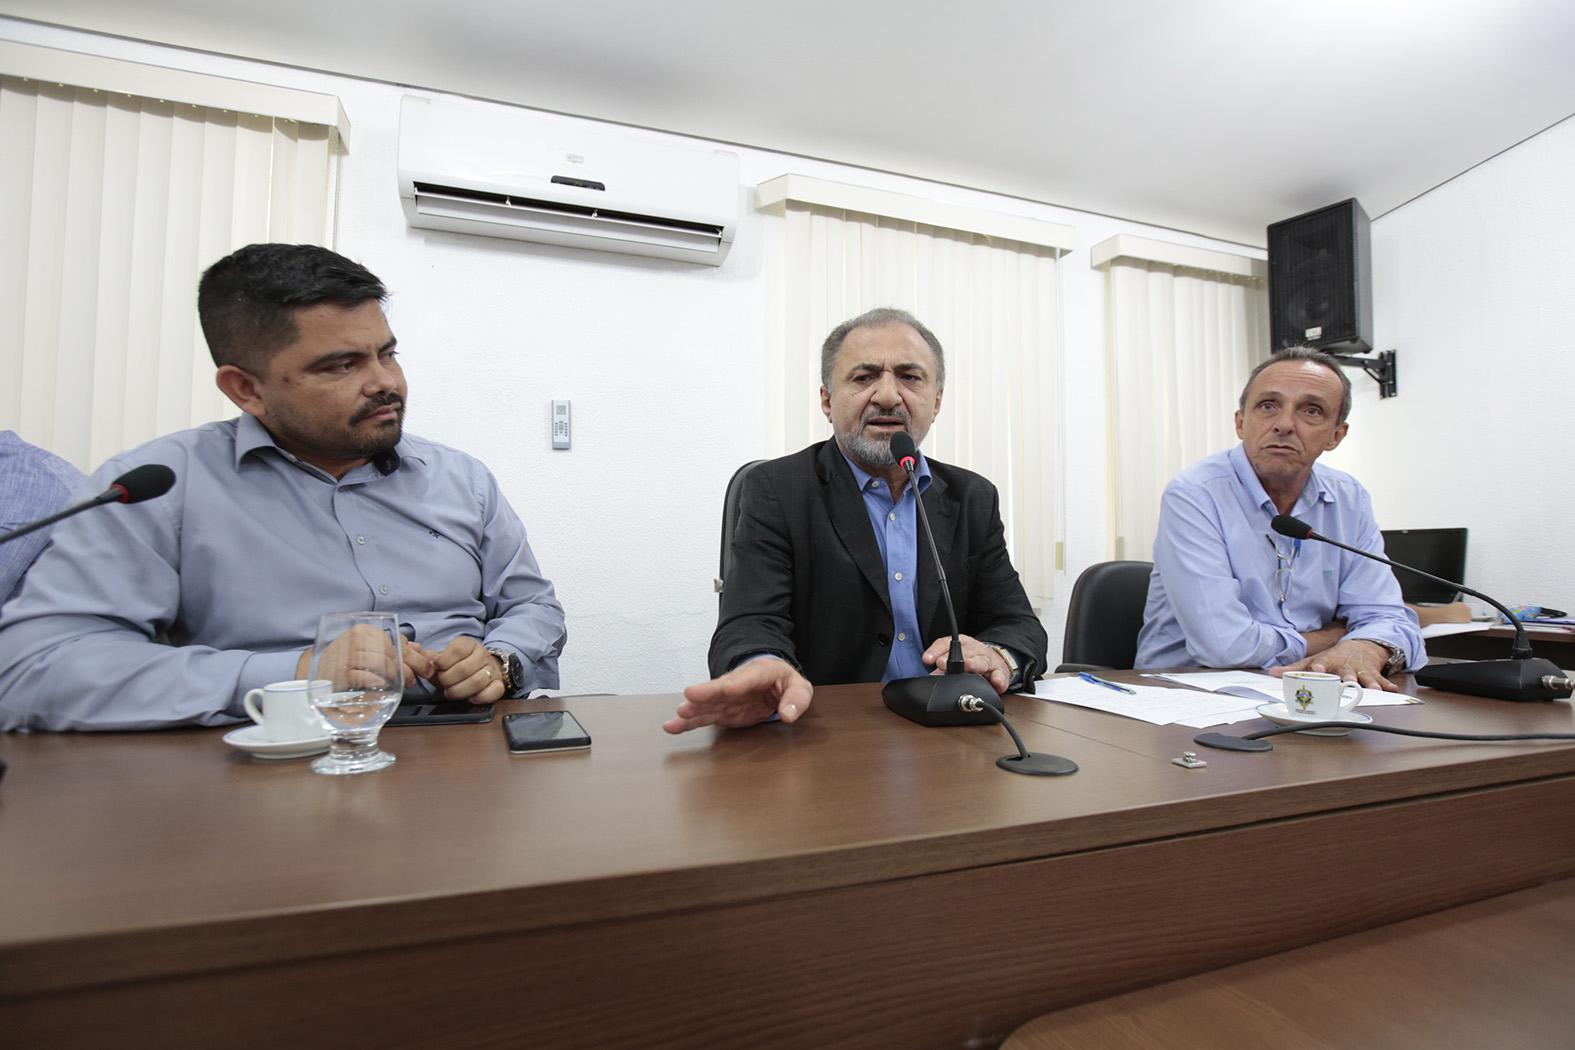 Comissão de Habitação convida autoridades para debater a regularização fundiária